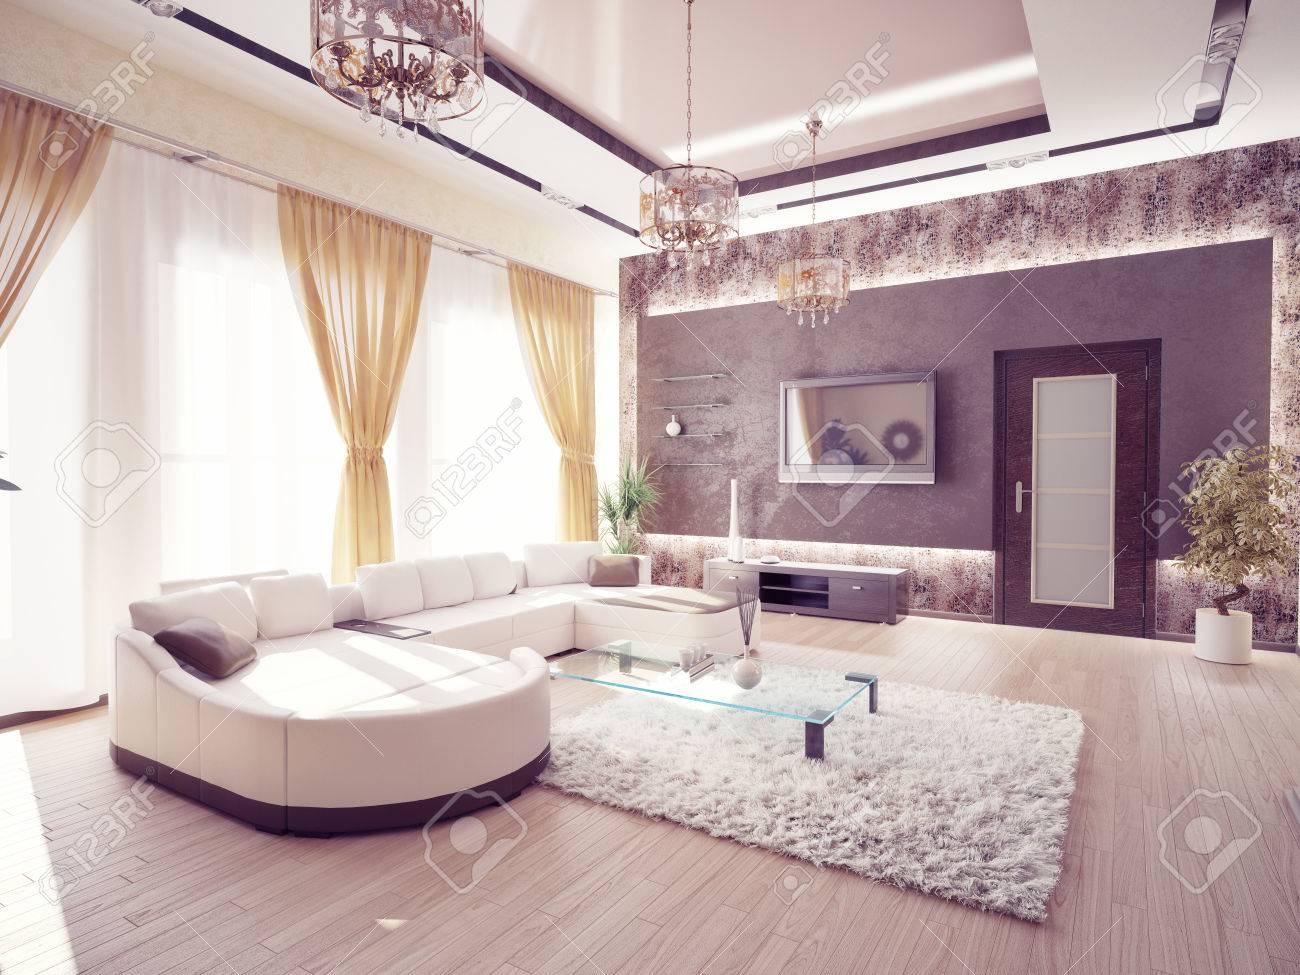 Salon moderne design d'intérieur banque d'images et photos libres ...